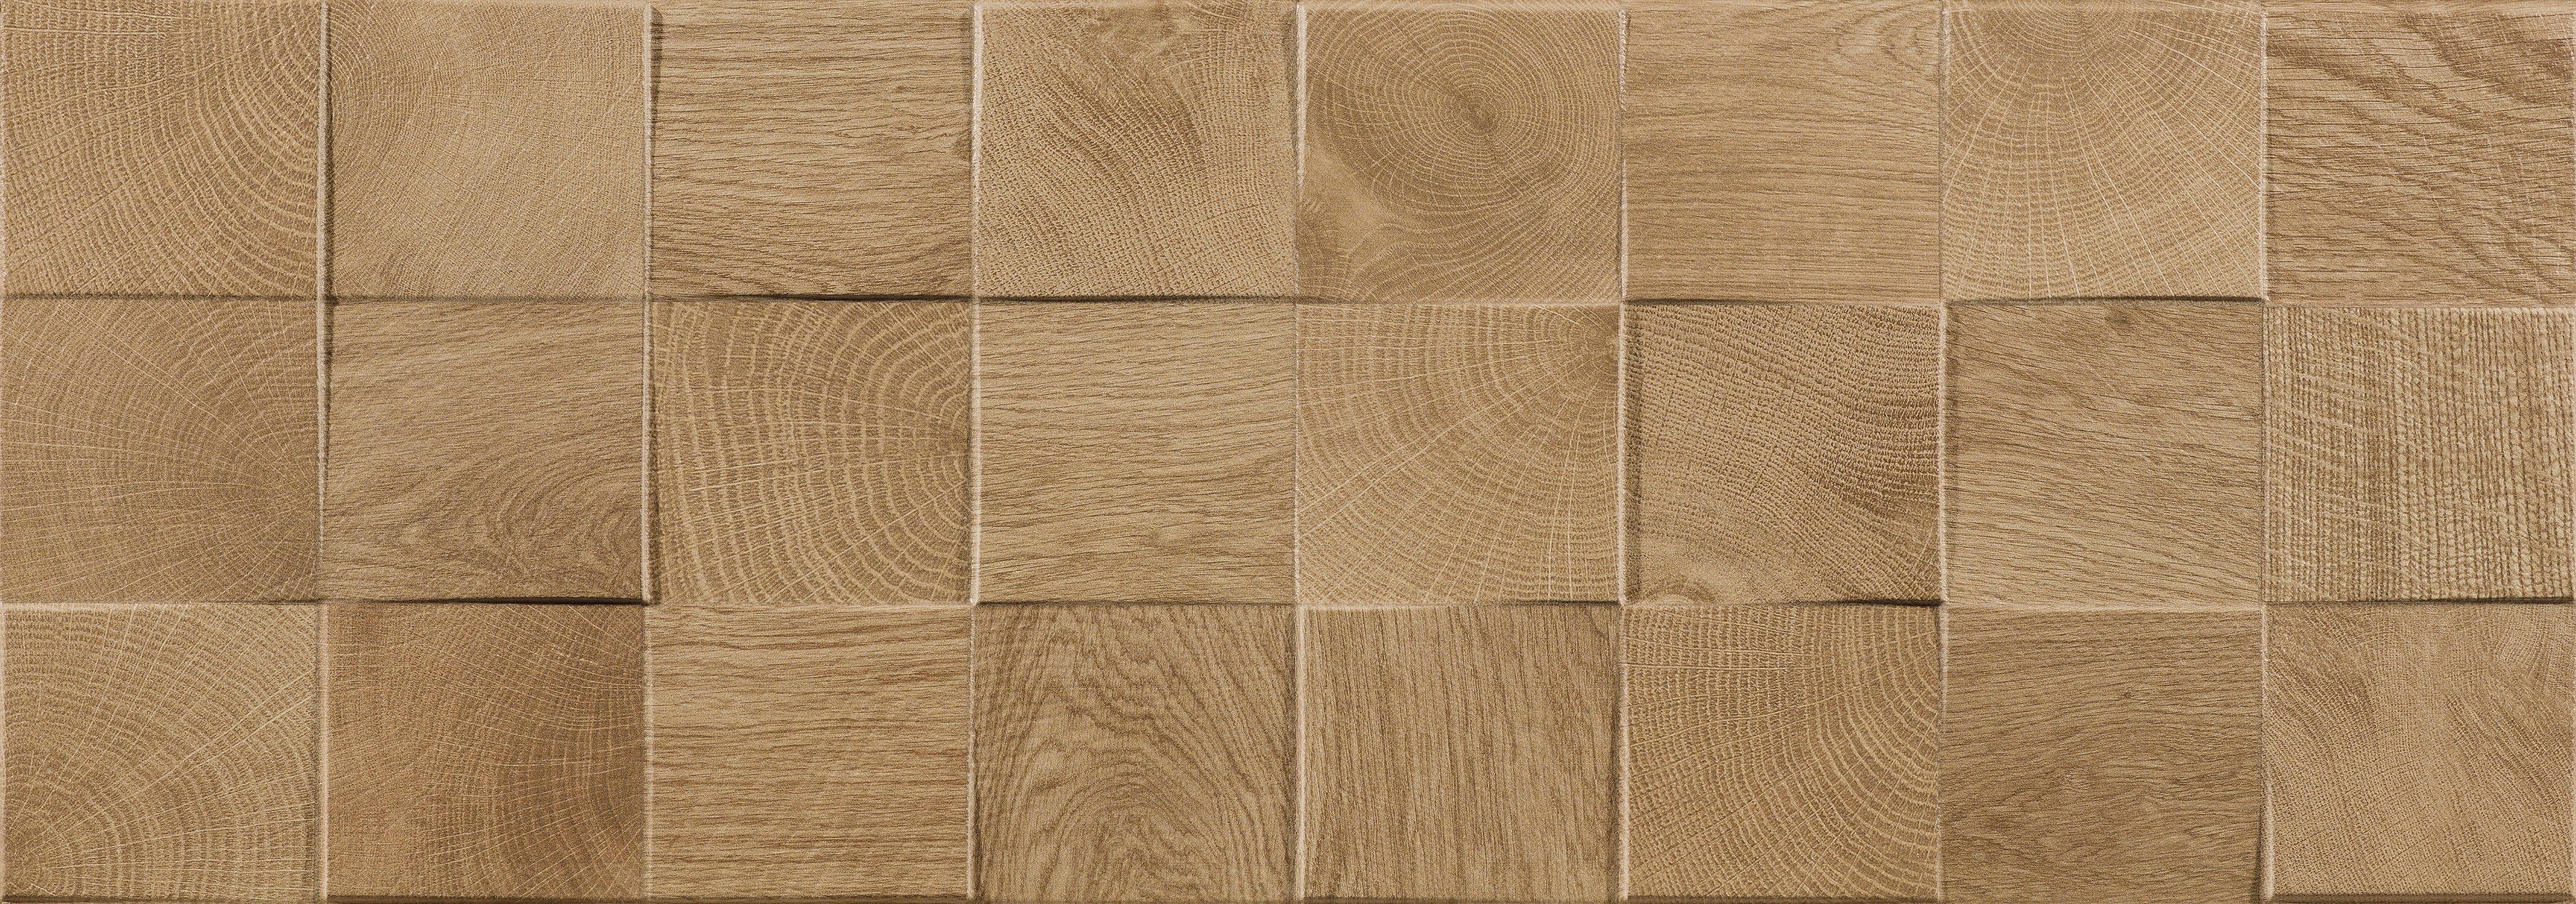 Плитка для интерьера - TACO OXFORD NATURAL - PORCELANOSA - настенная / из  керамики / прямоугольная